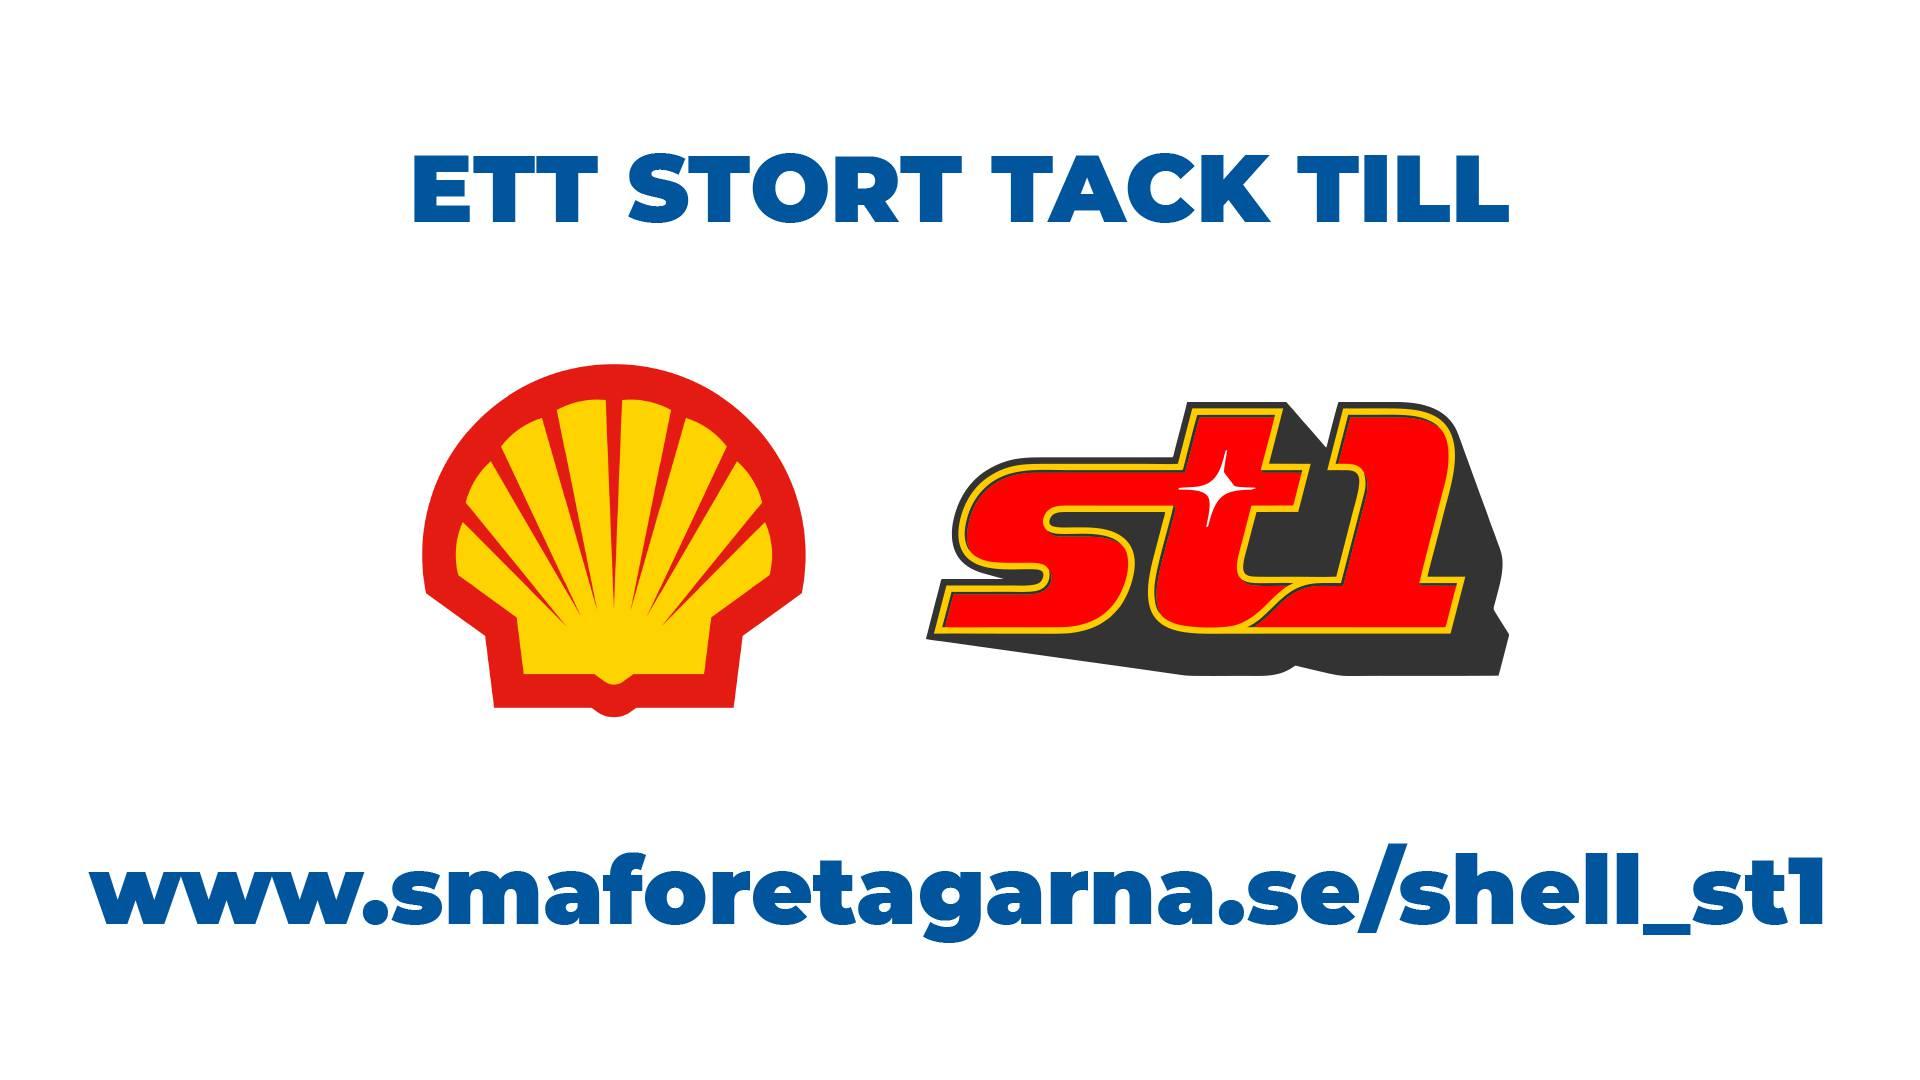 SHELL_ST1